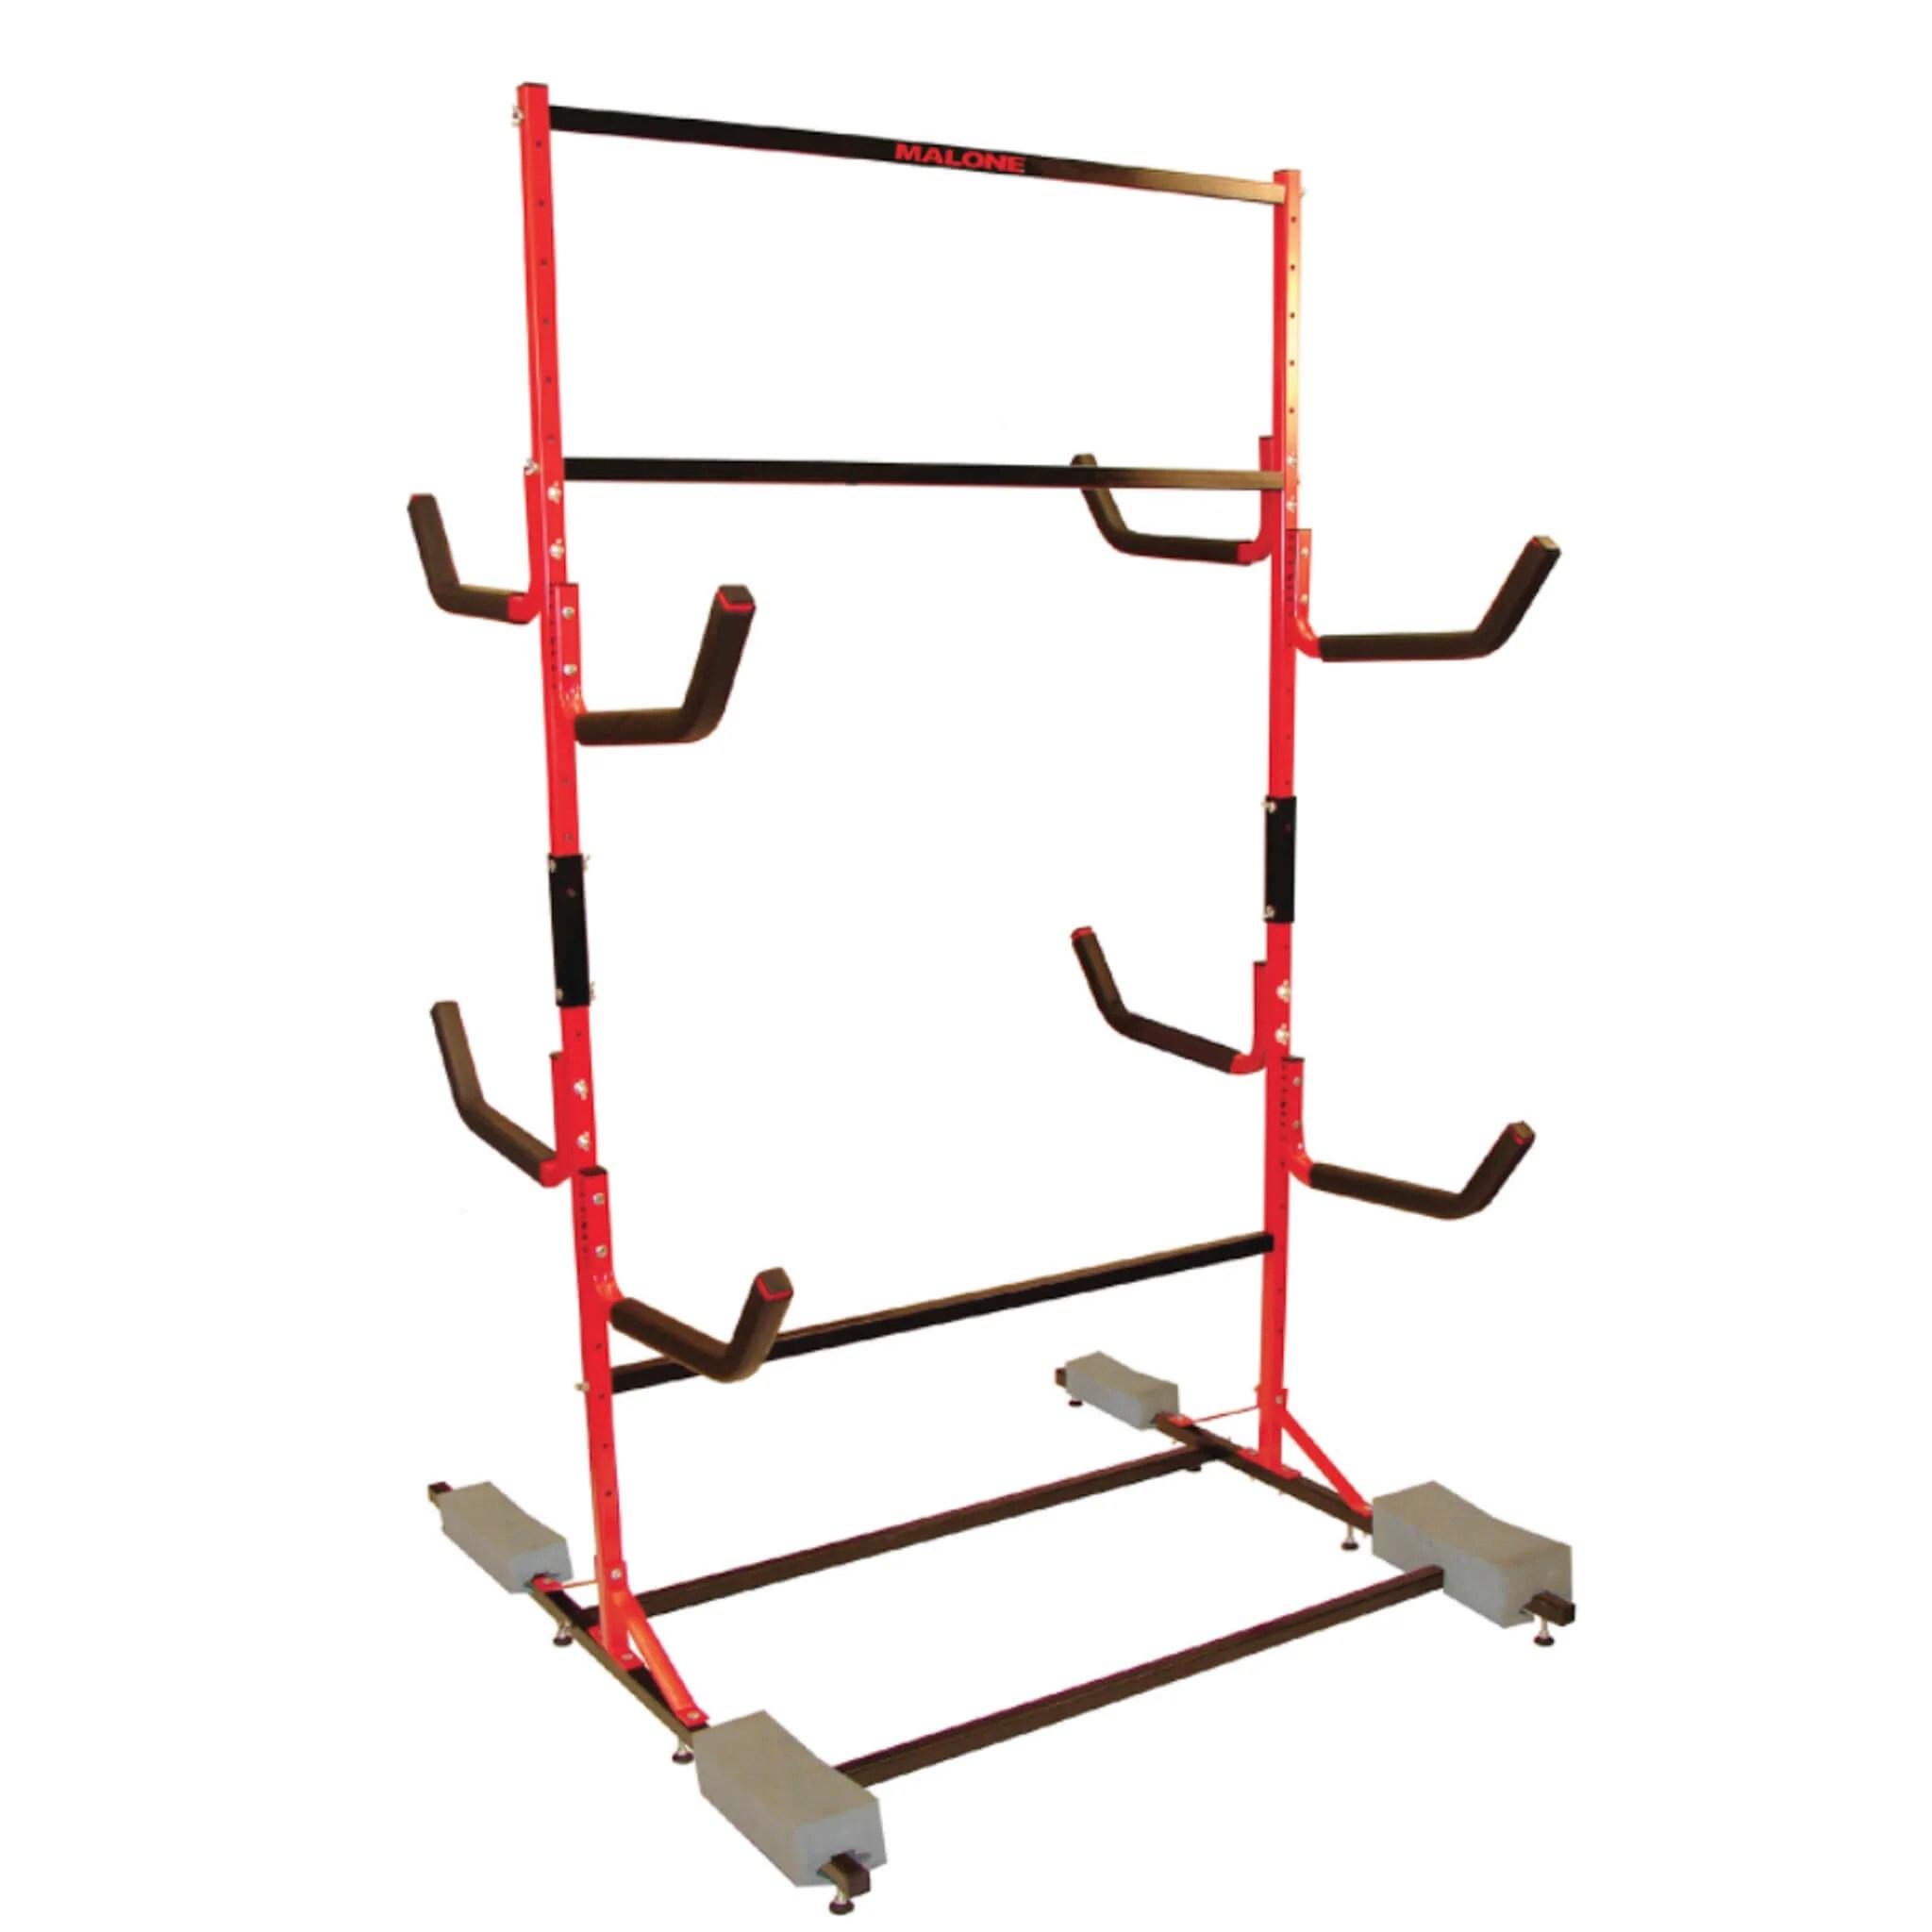 malone free standing kayak rack